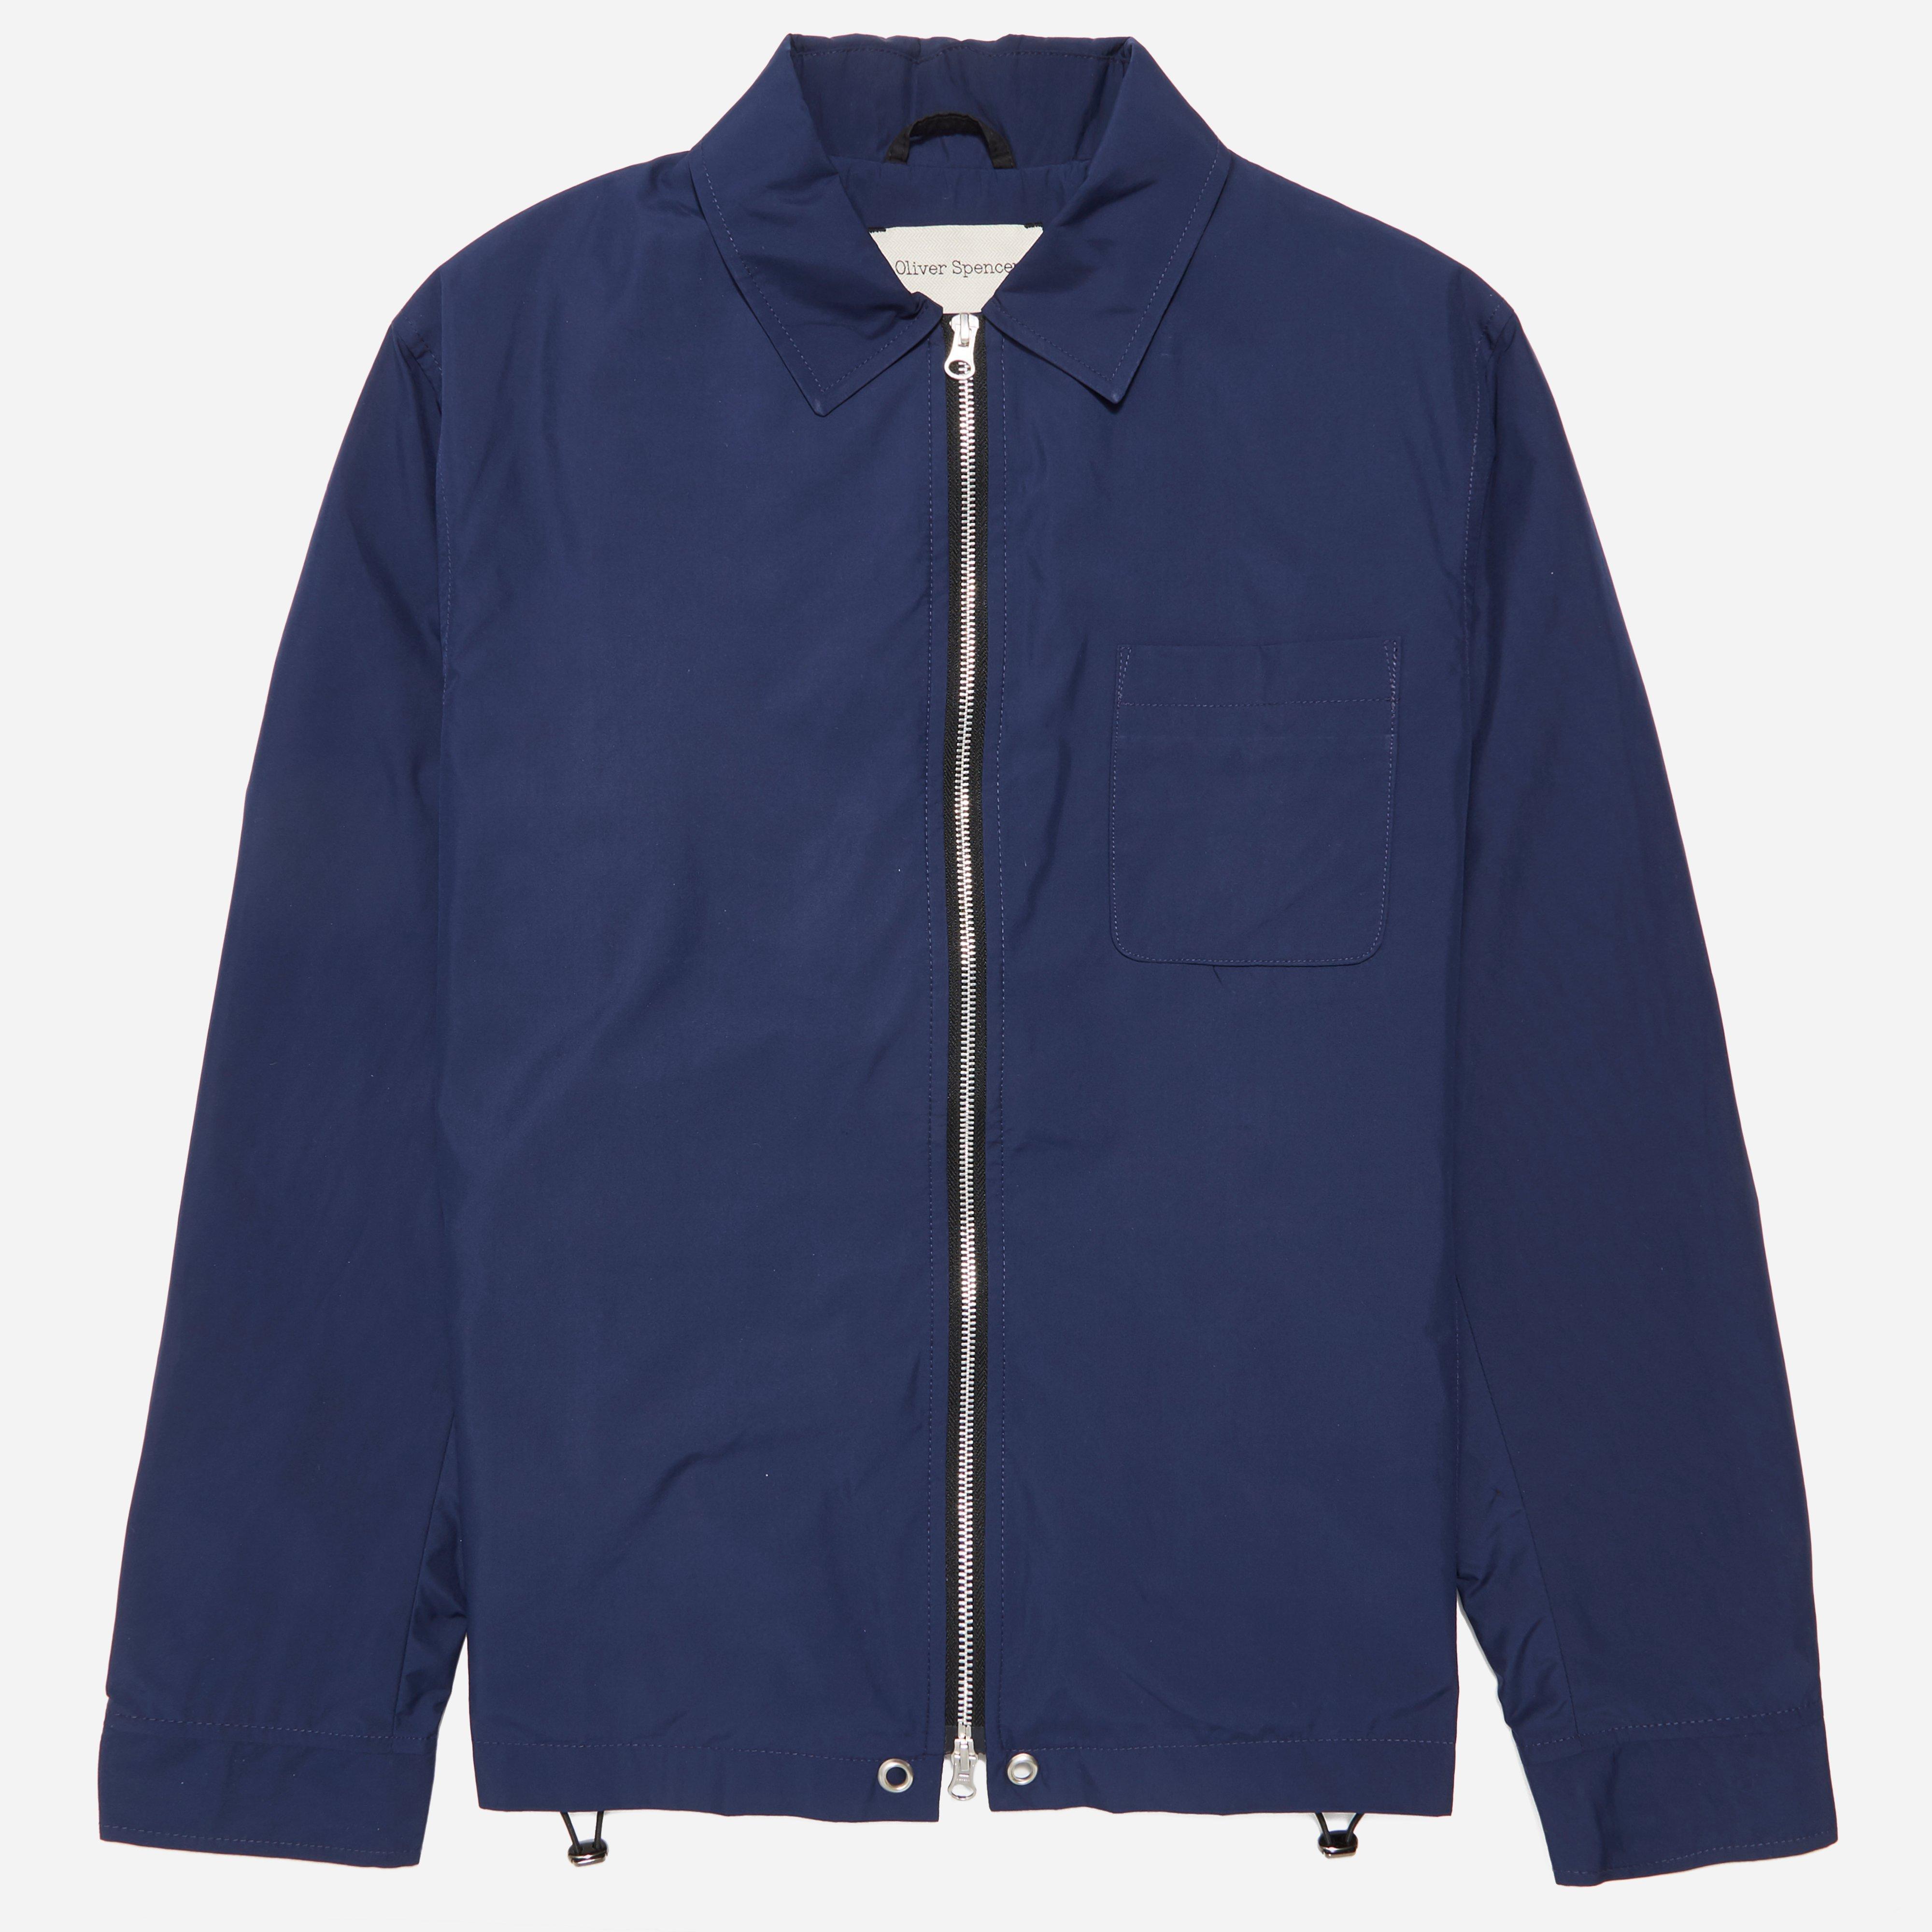 Oliver Spencer Dover Jacket